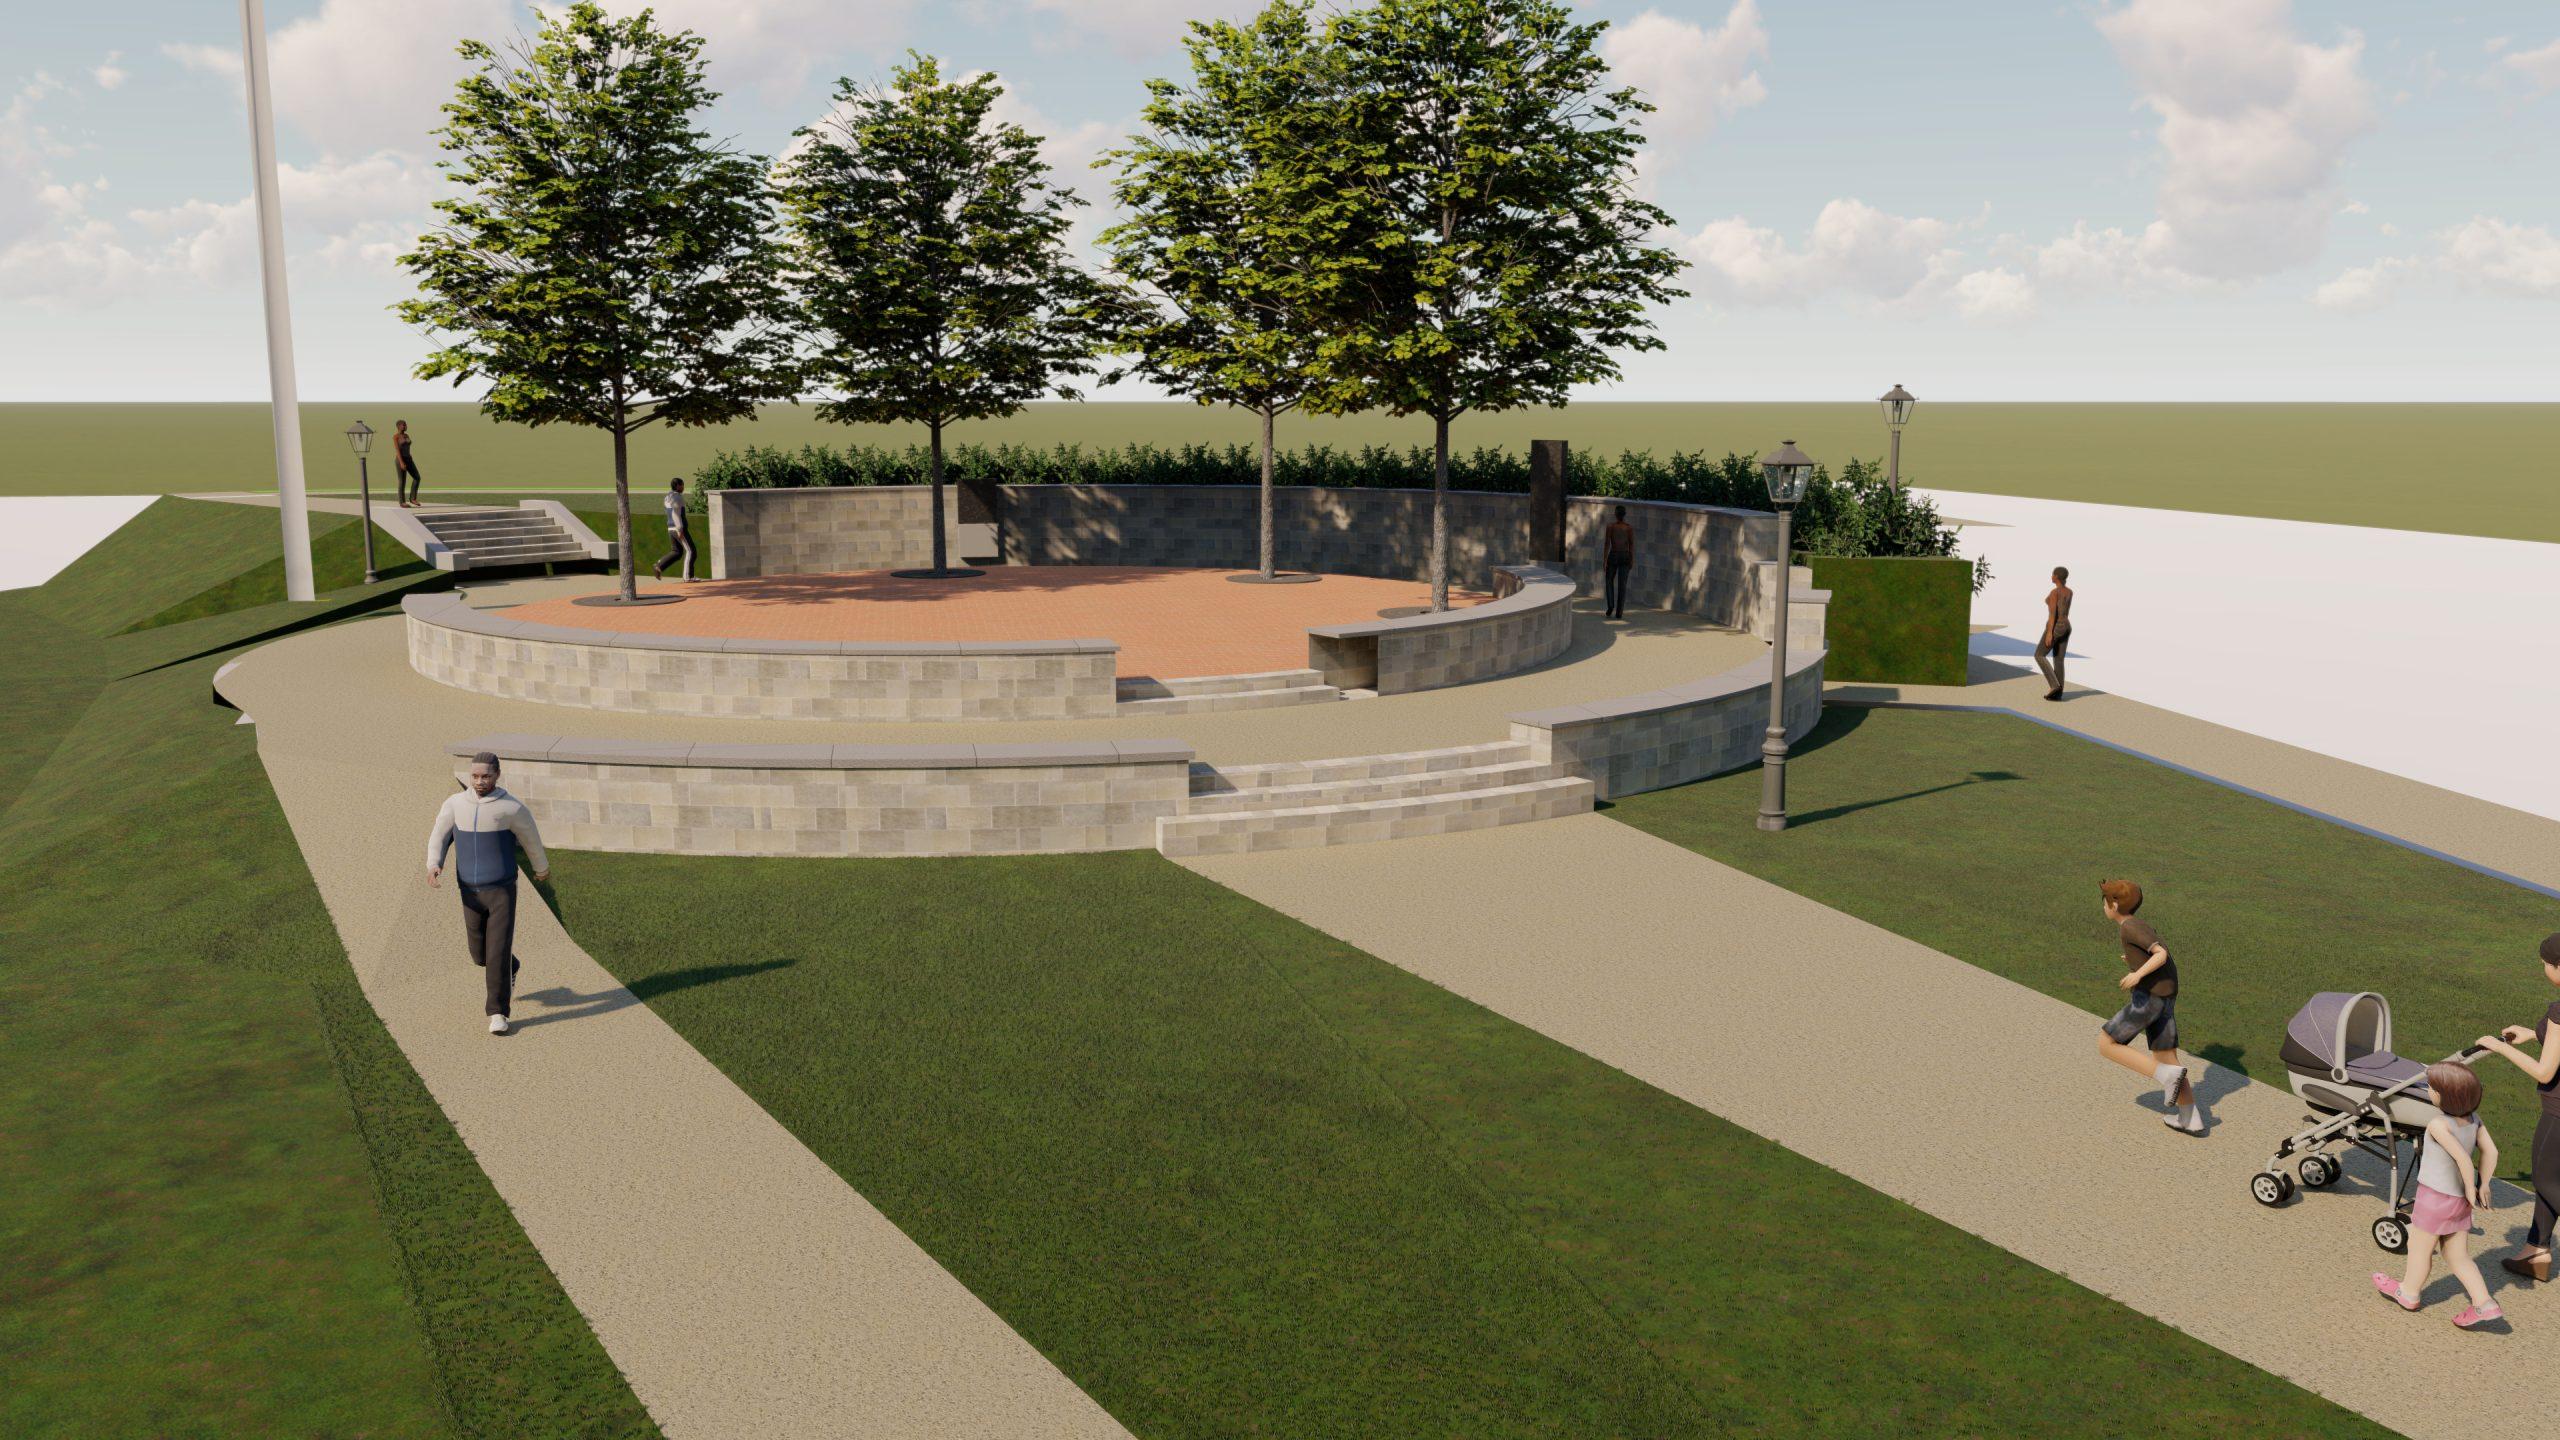 Allingtown Green plan updated